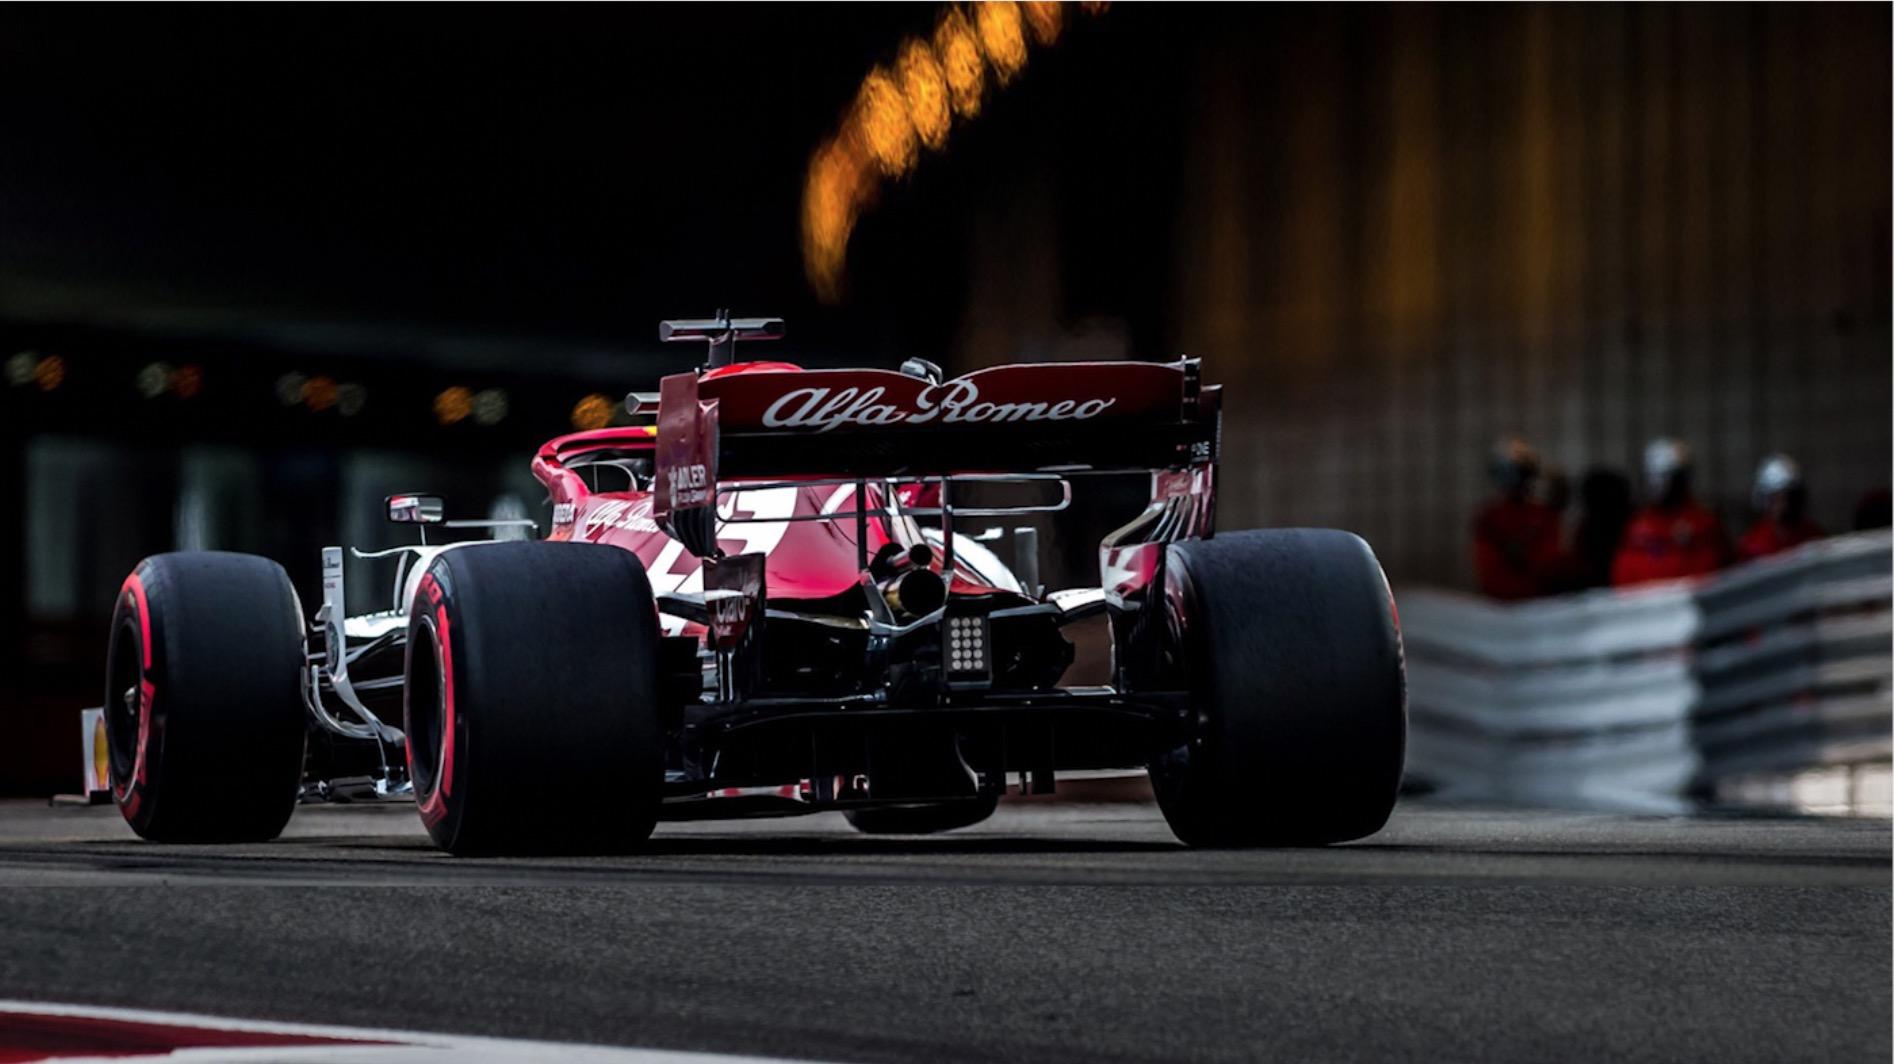 盈方与阿尔法·罗密欧车队签订协议 首次进入F1赛事